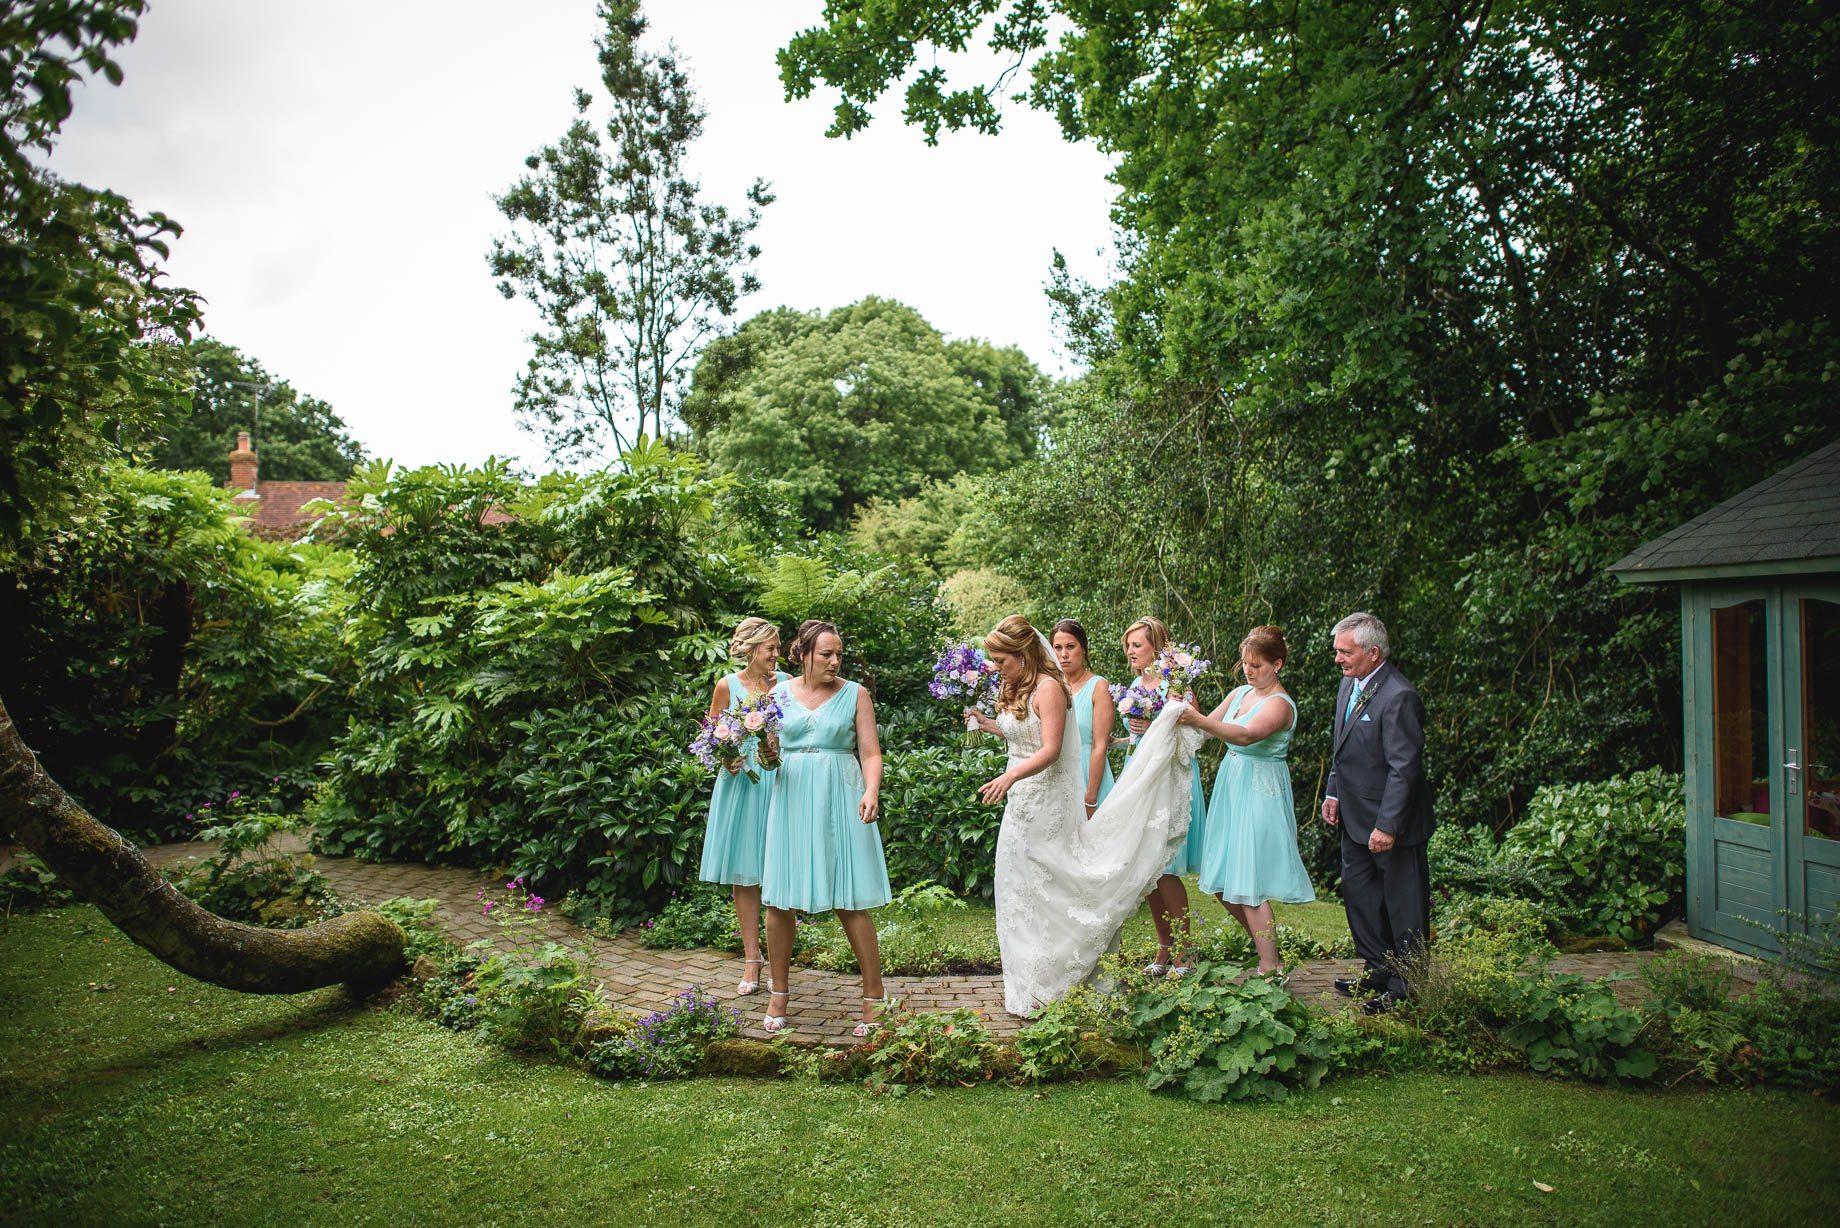 Bartholomew Barns wedding photography - Louise and Spencer (37 of 151)